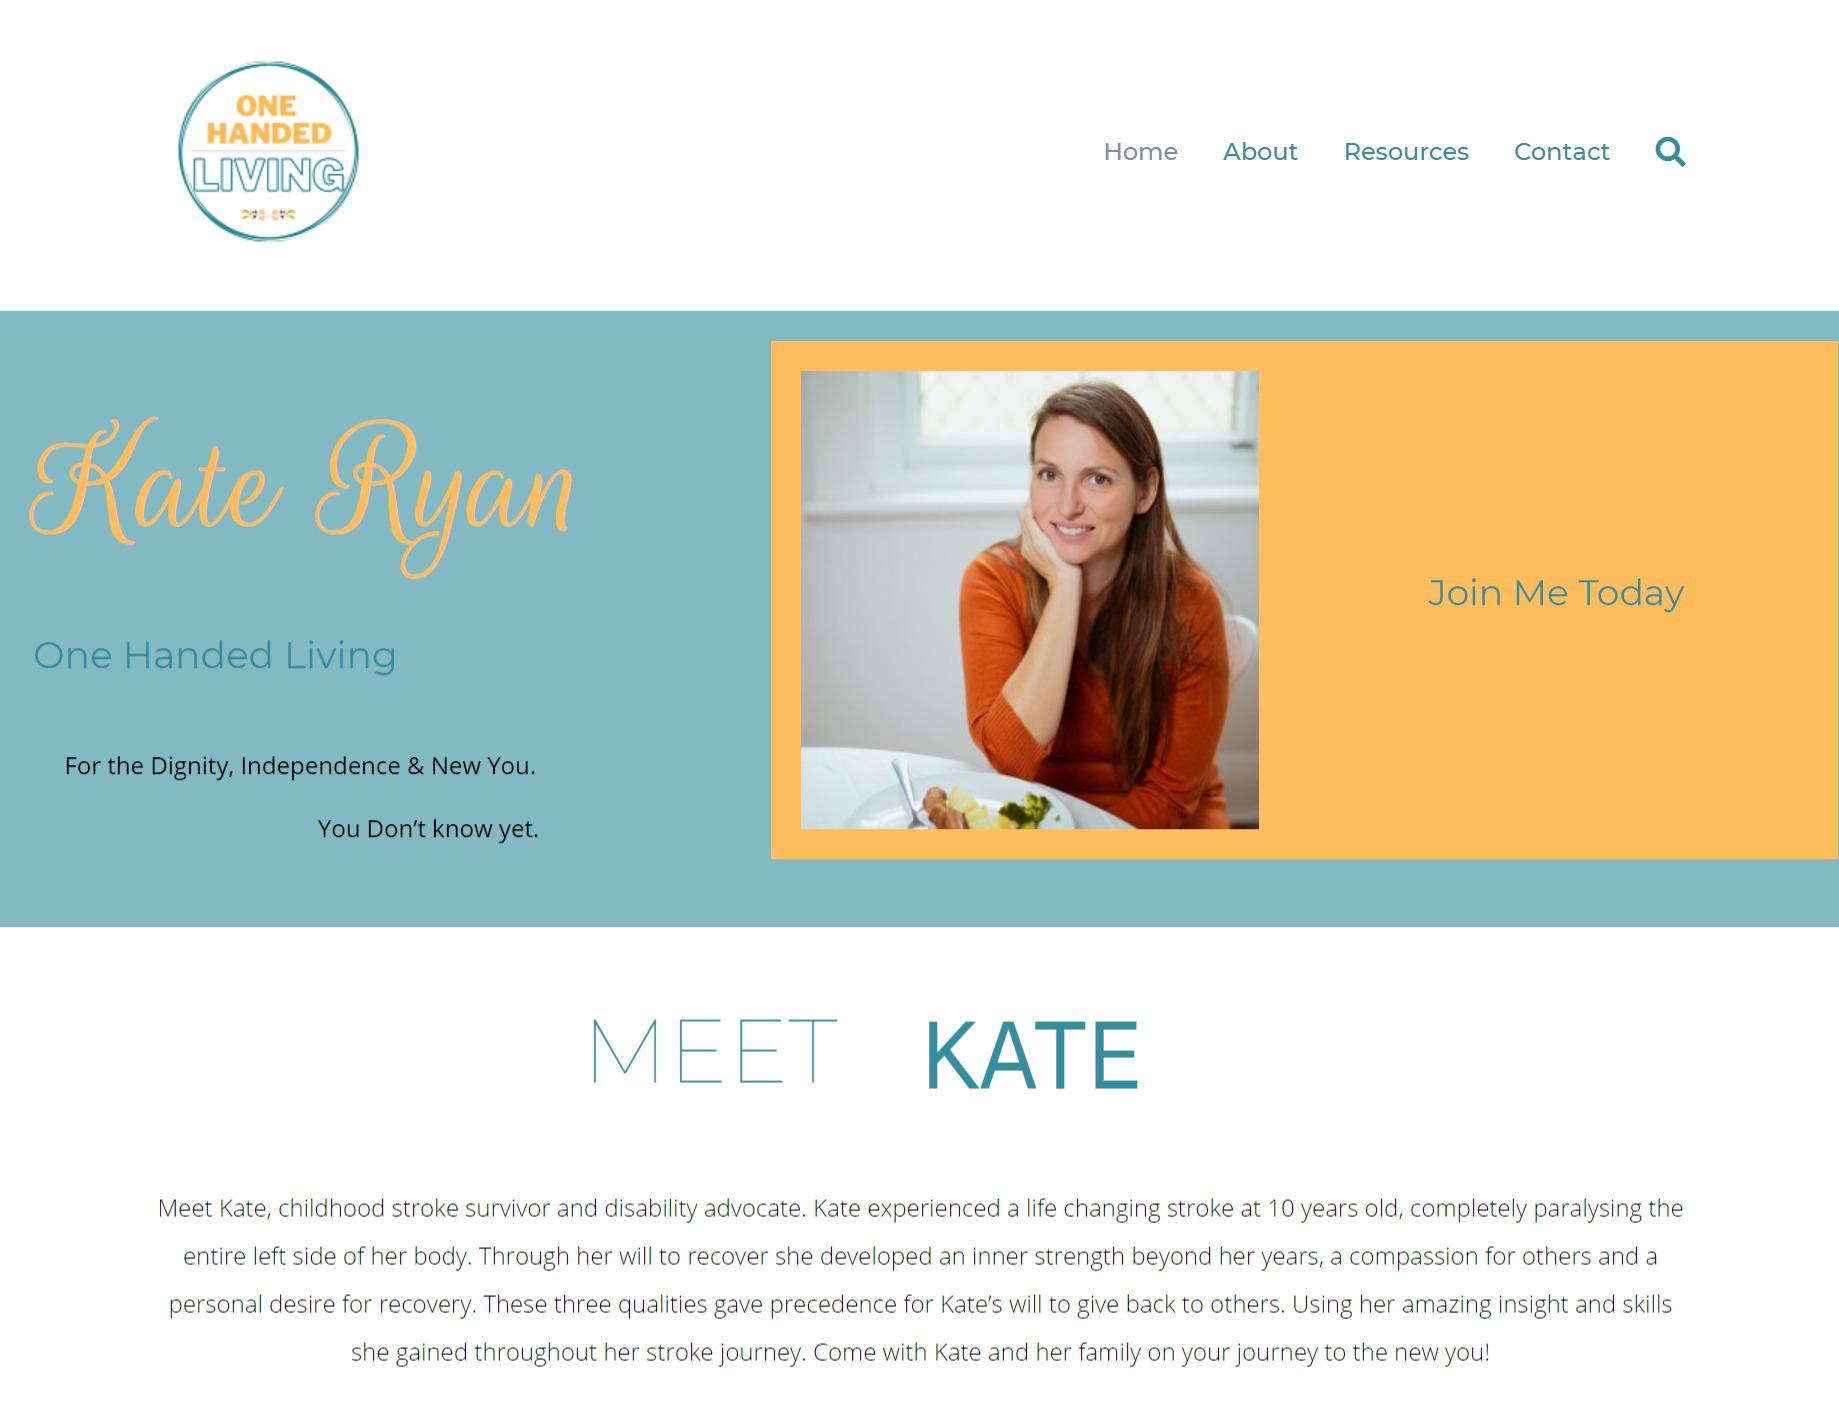 Kate Ryan Screenshot of homepage header